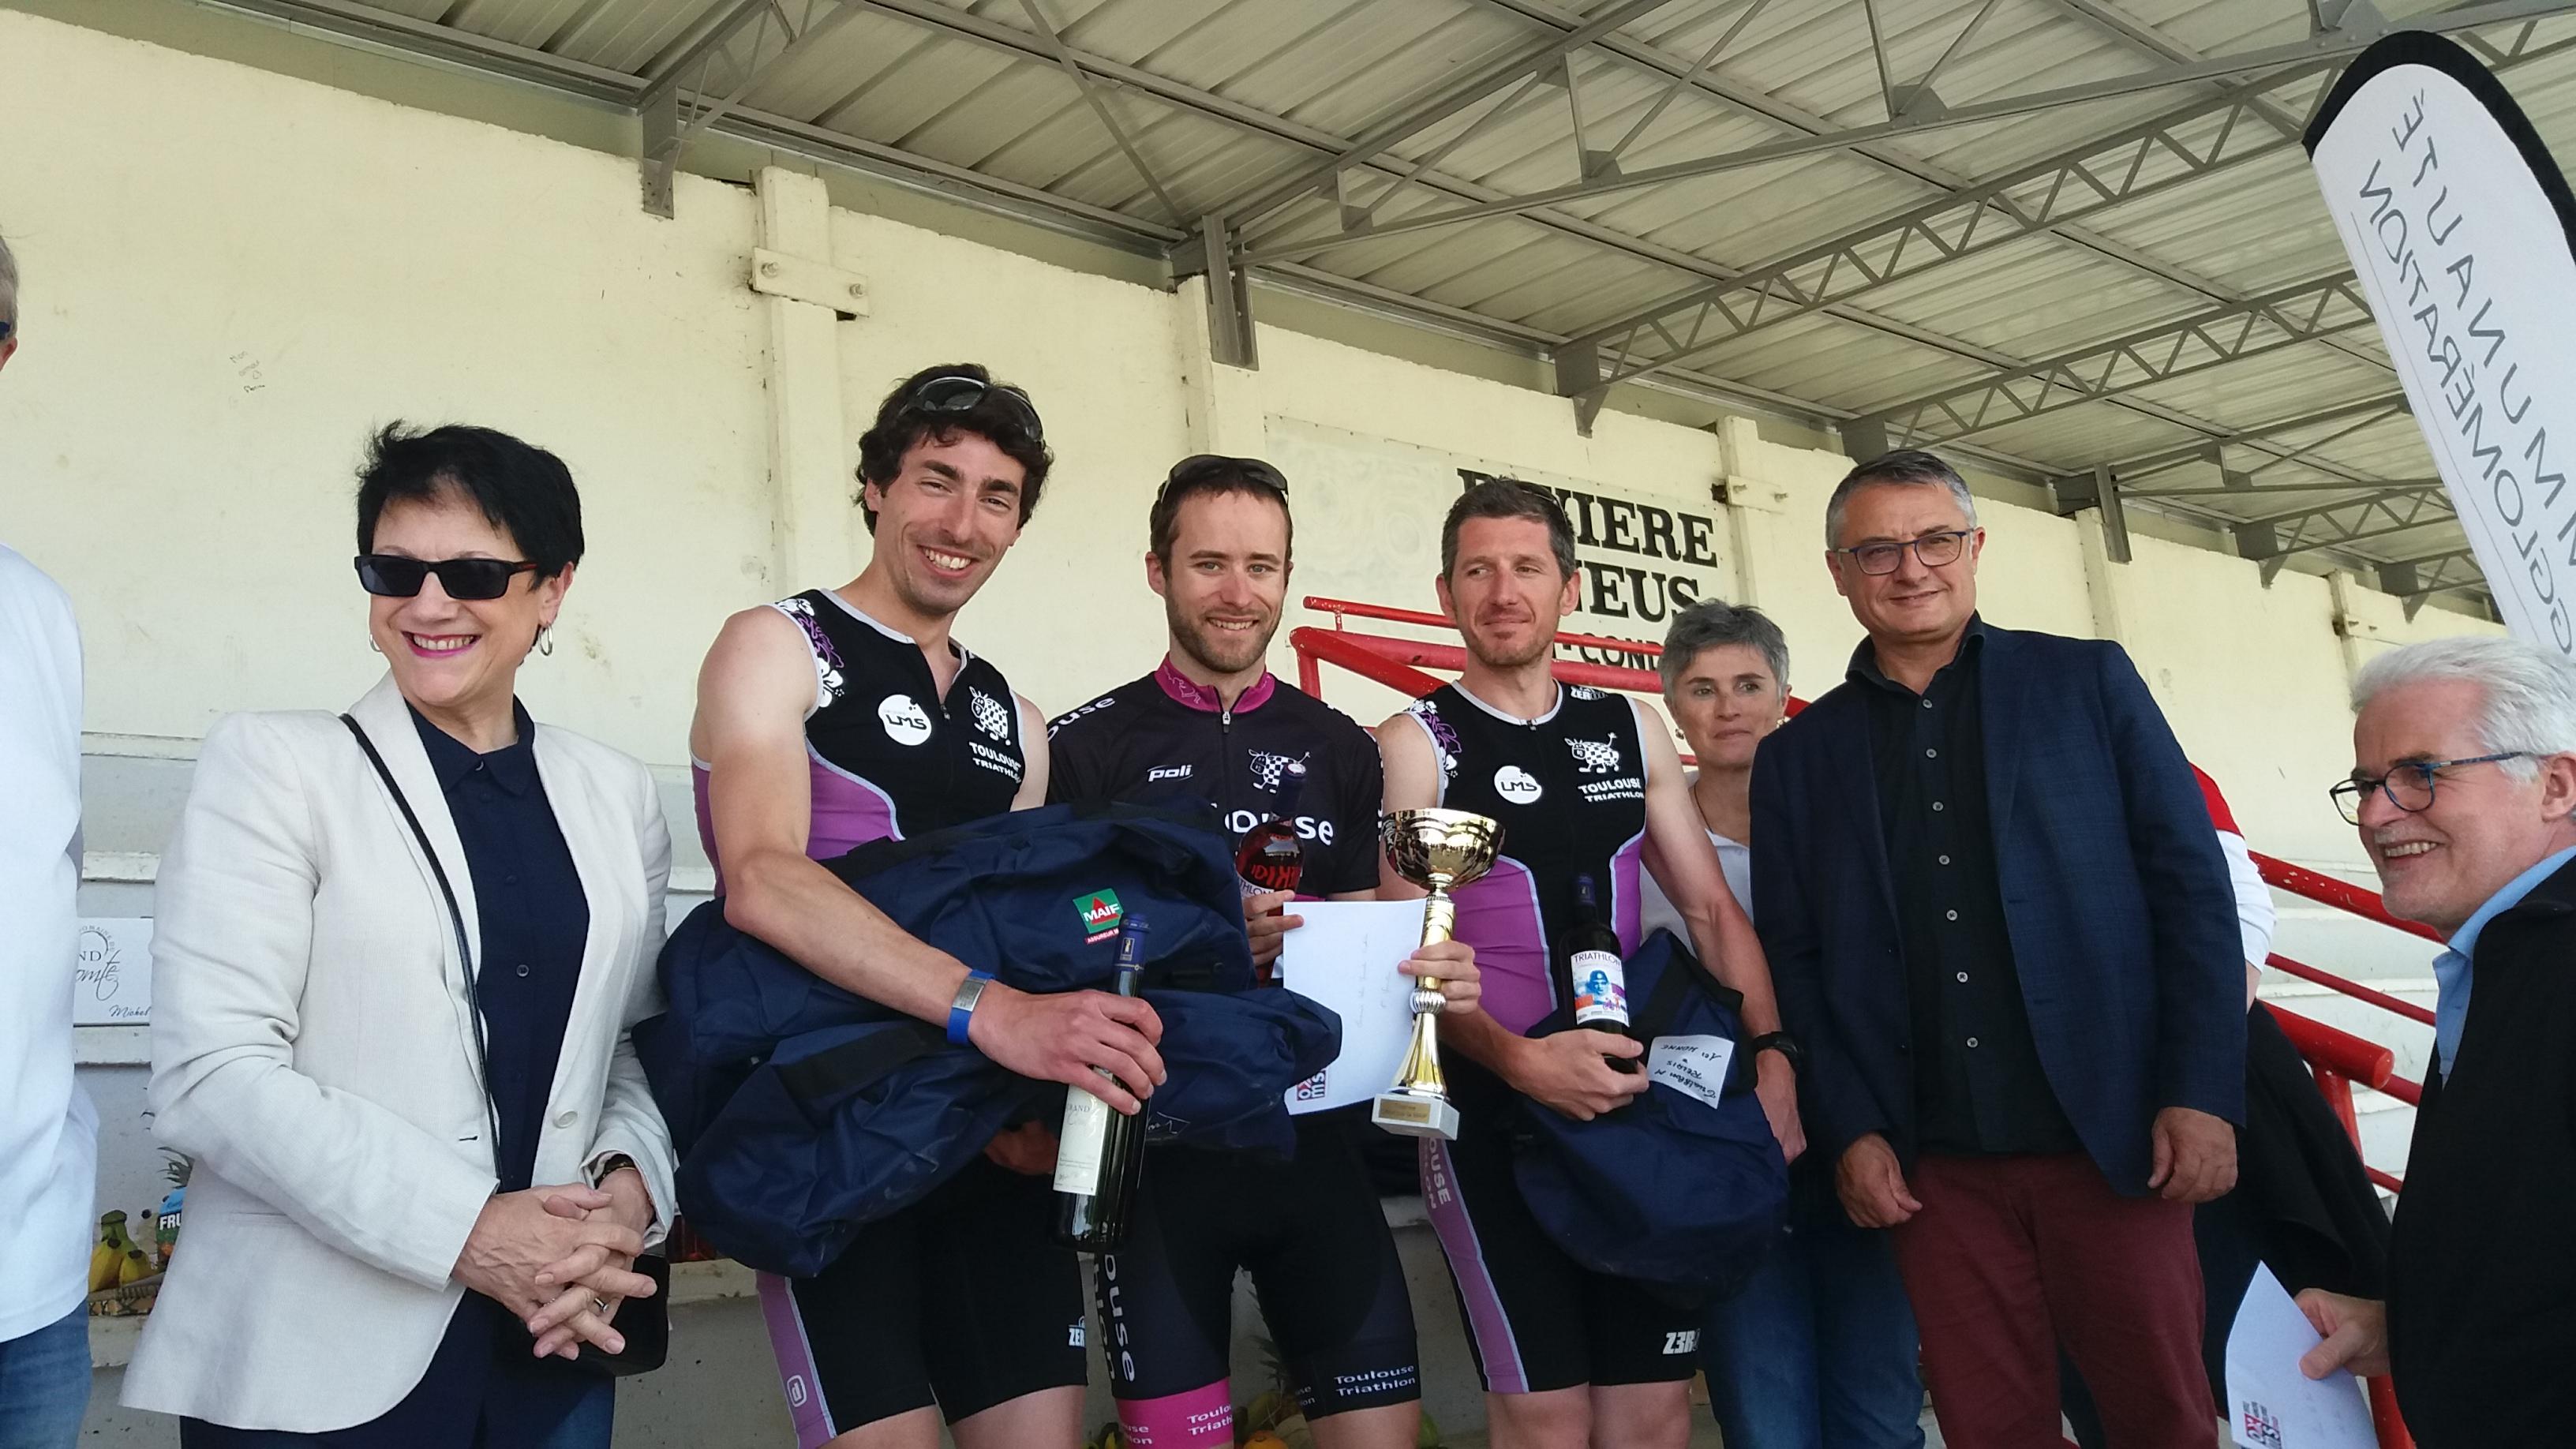 La bande des O victorieuse en relais du triathlon d'Auch 2018